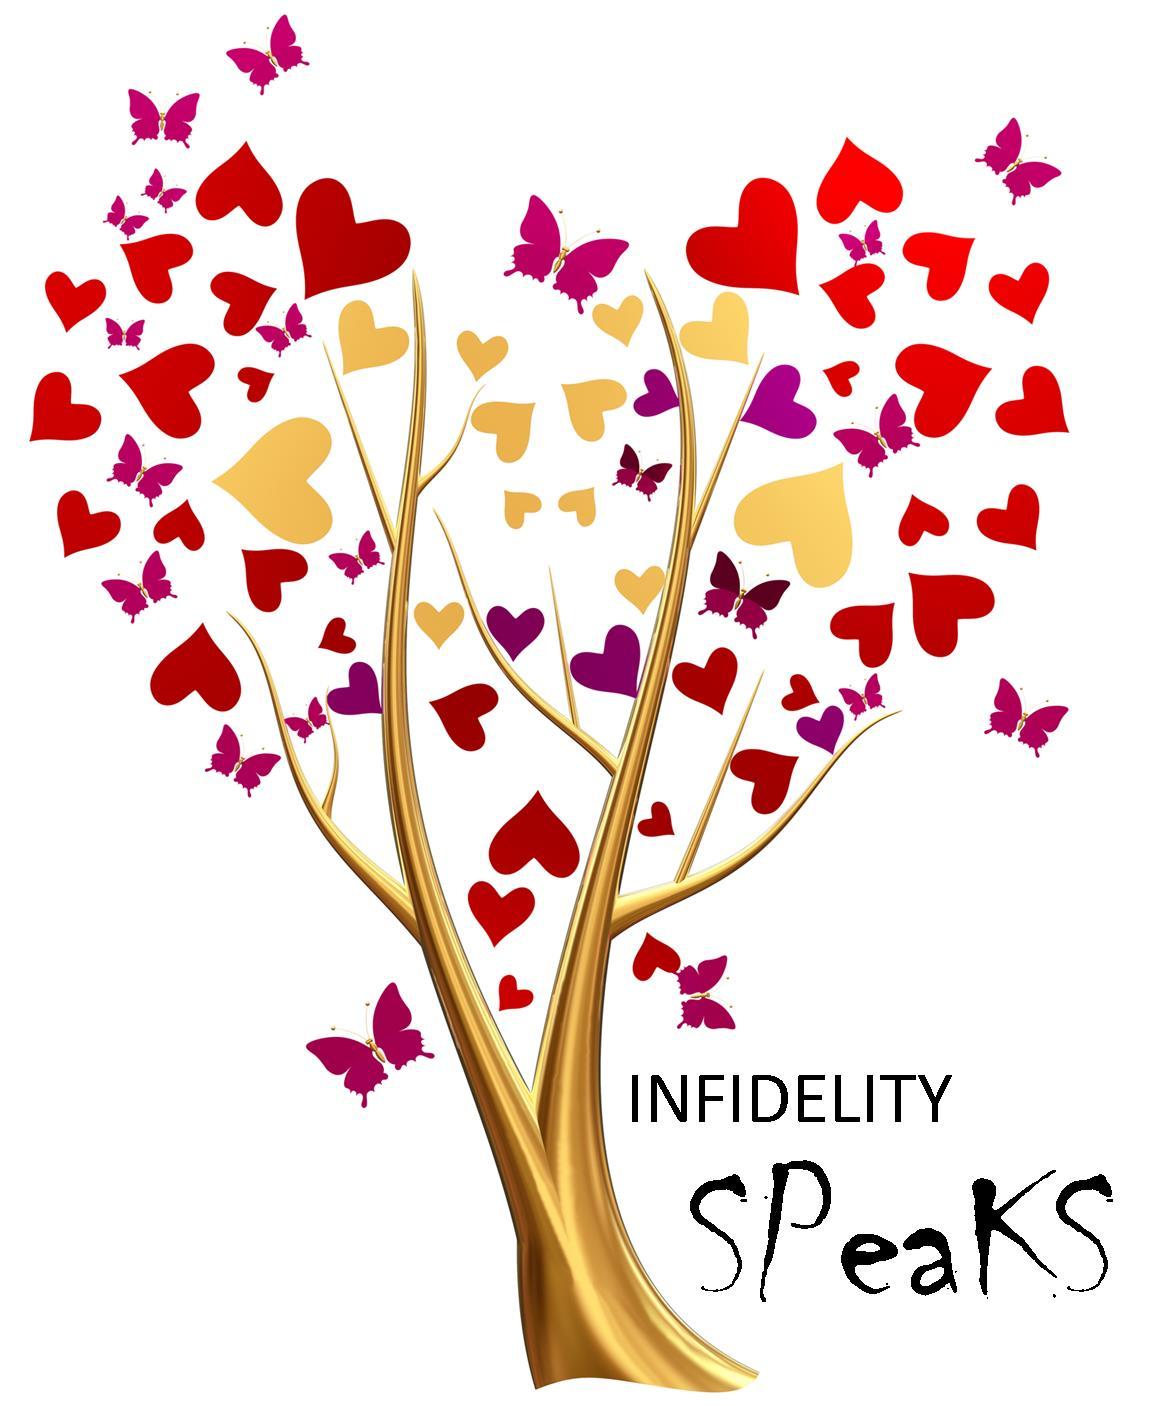 INFIDELITY-SPEAKS-LOGO-2.jpg